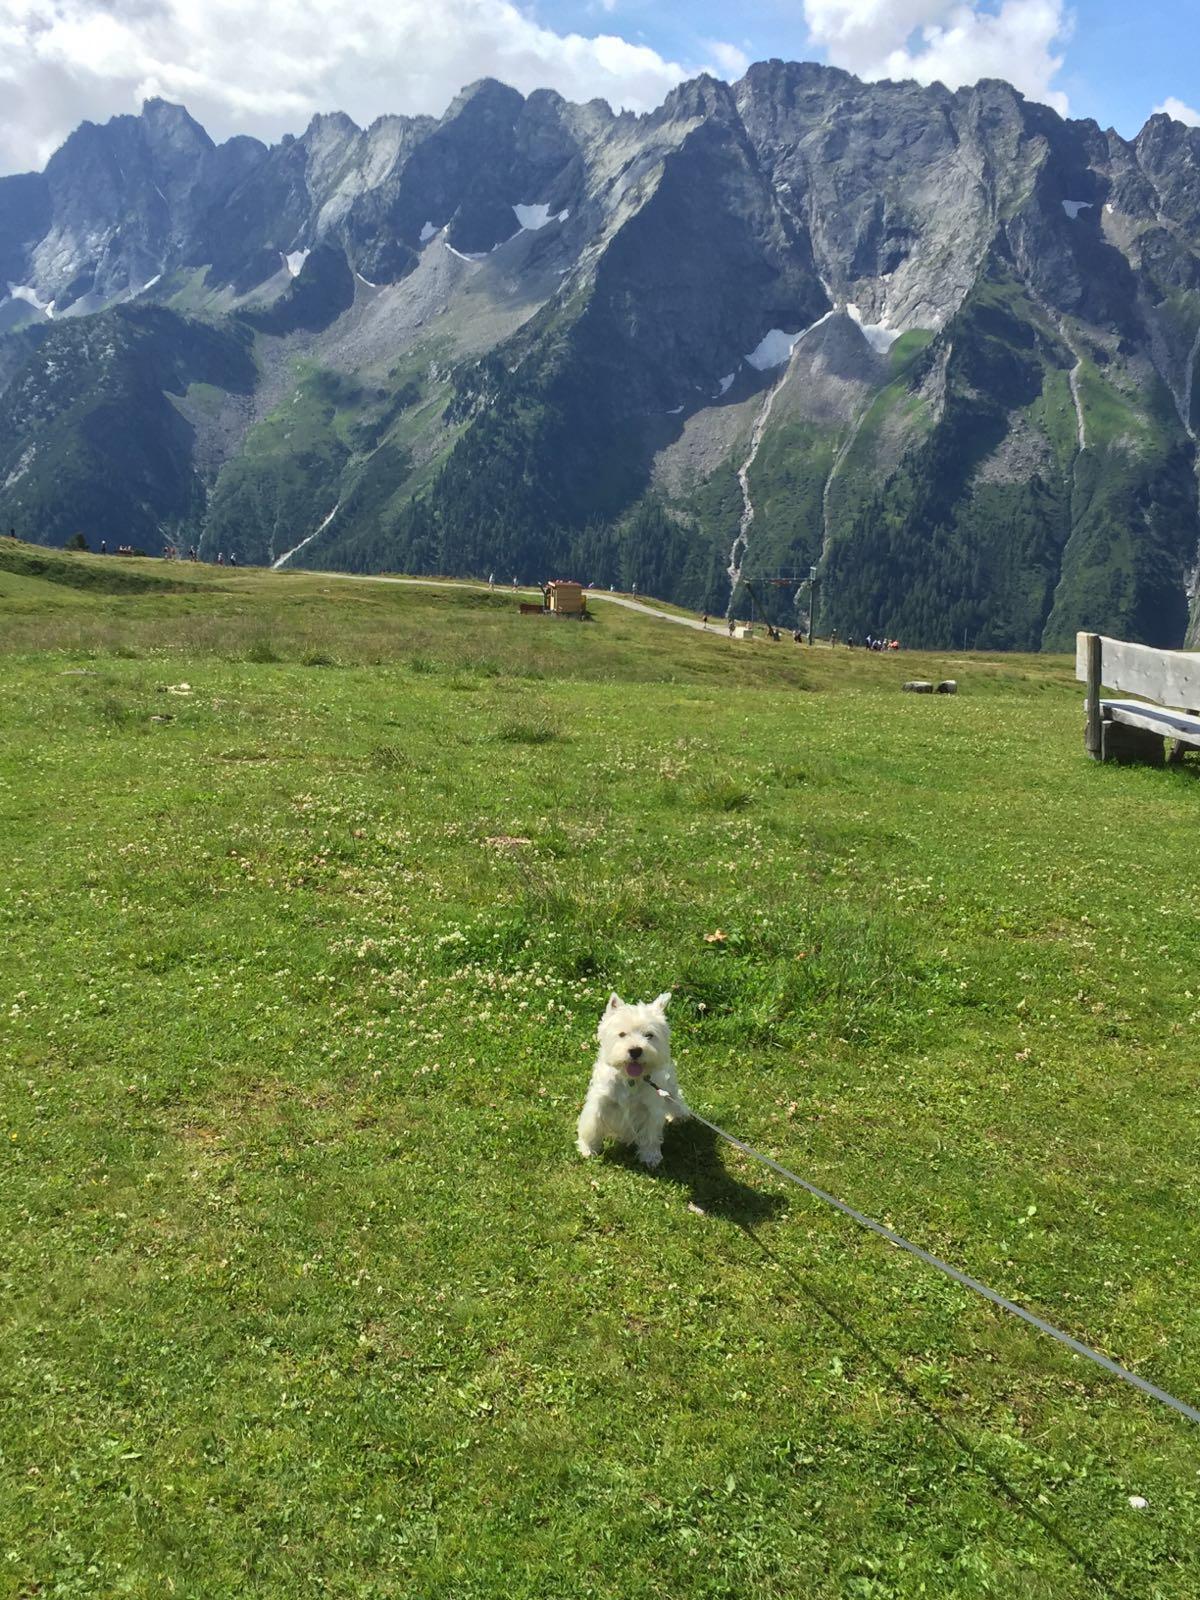 Urlaubsgrüße von Sammy aus Südtirol- Ausflug in den Alpen